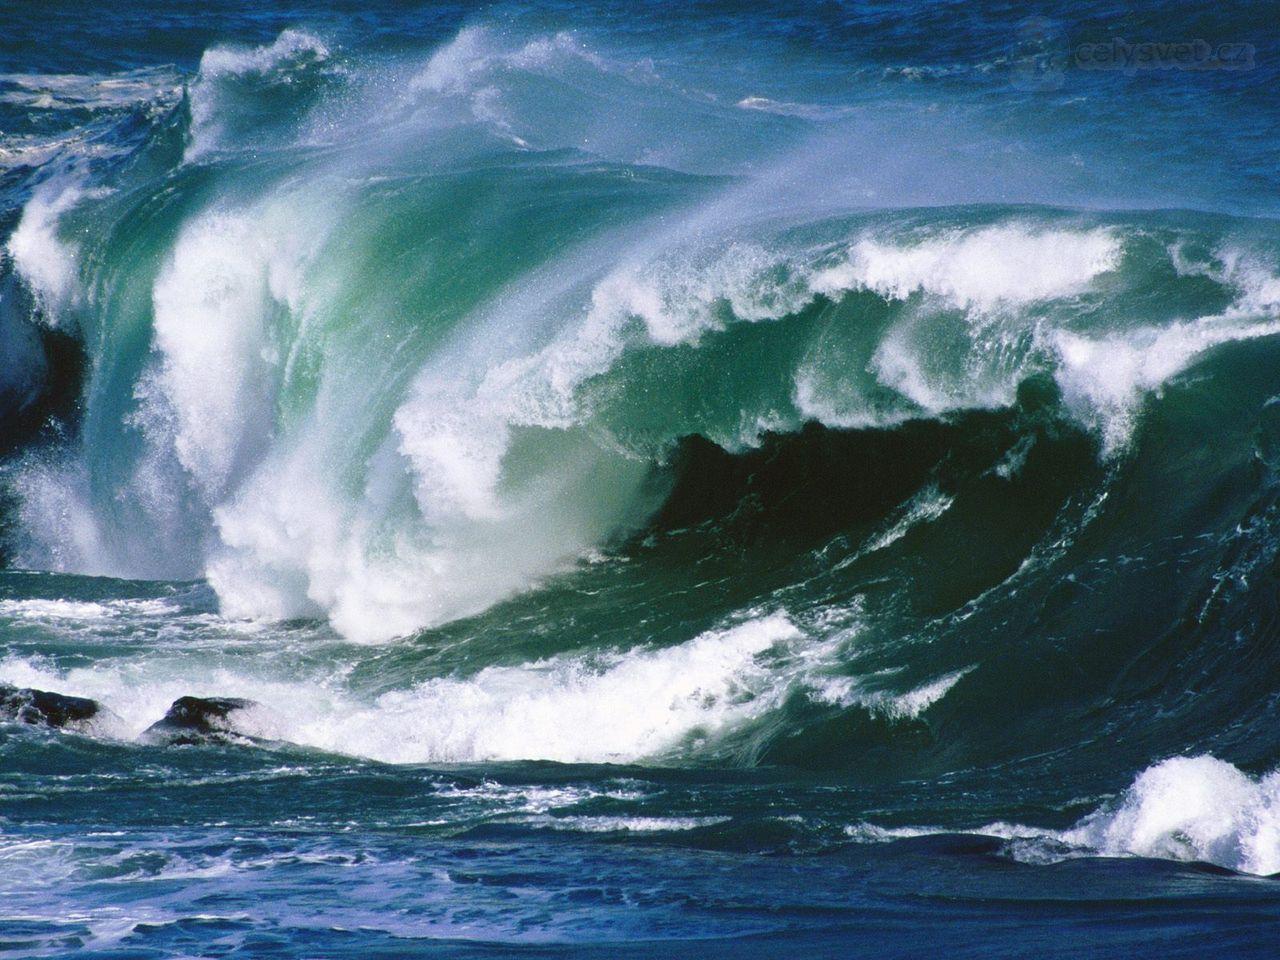 Если во сне стремительная волна накрыла людей и уносит их прочь, то вам грозят утраты и полная безнадега.